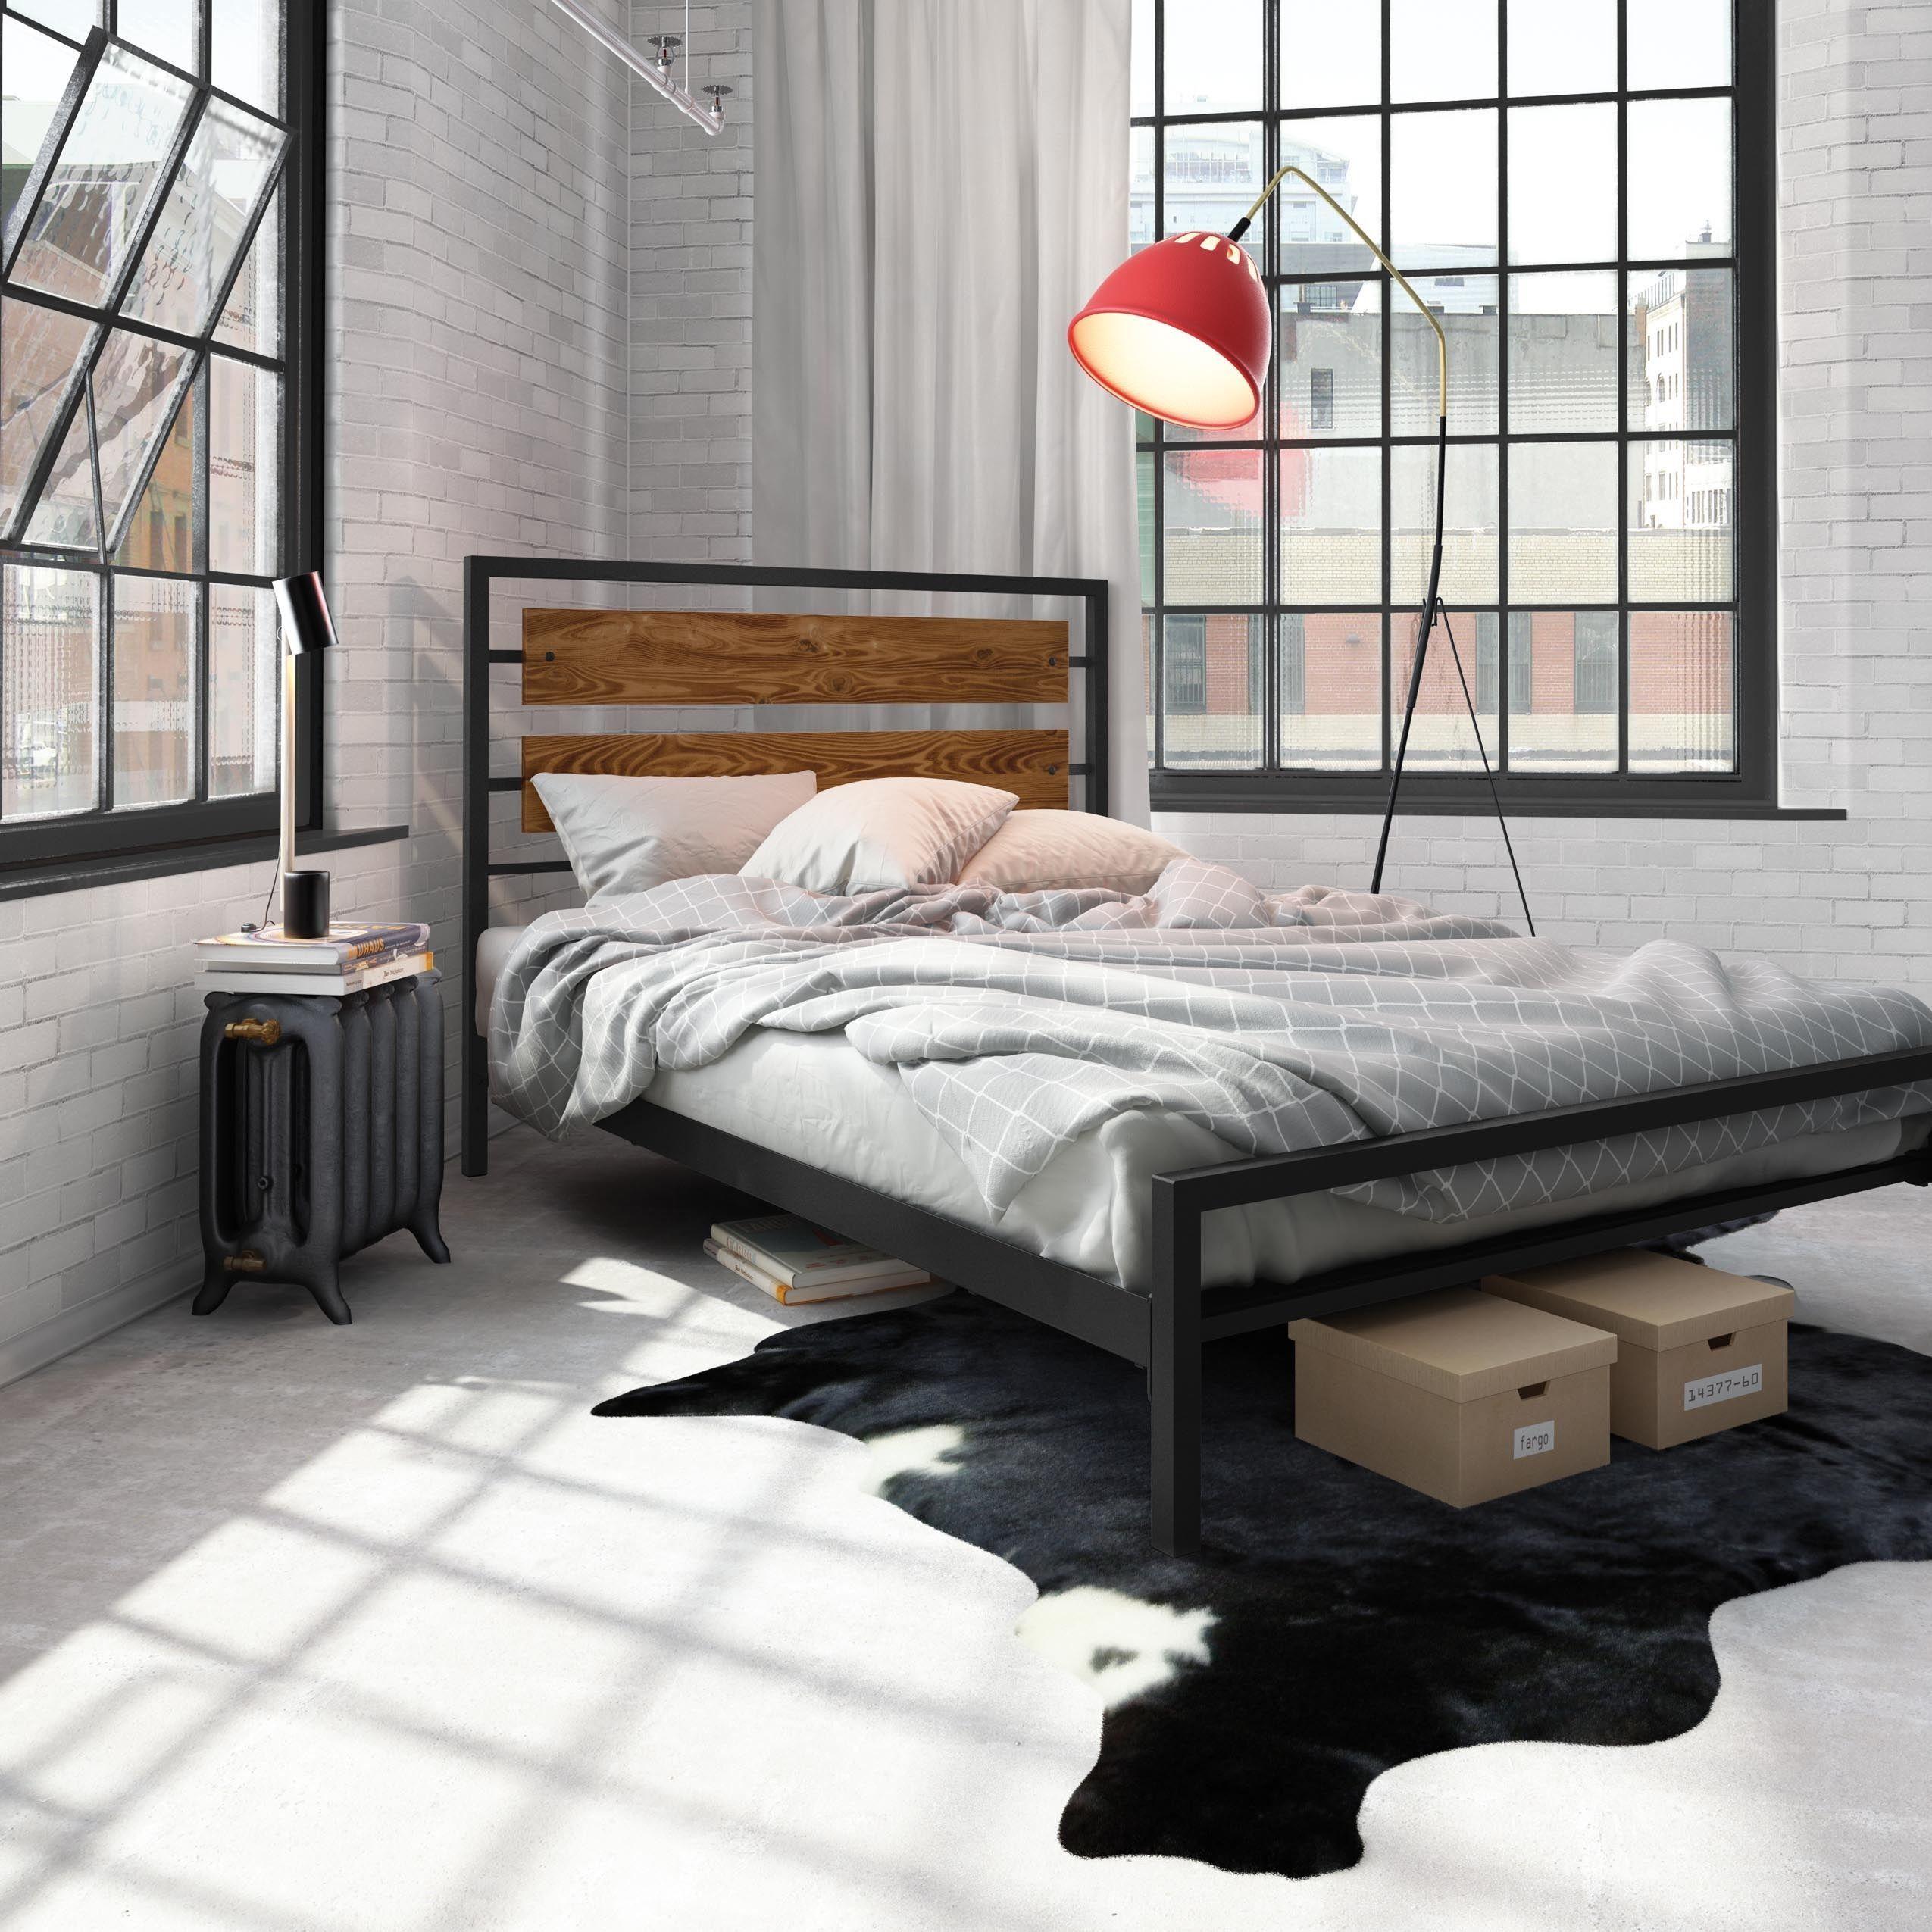 Carbon Loft Banting 54-inch Full-size Metal Bed | Einrichten und ...